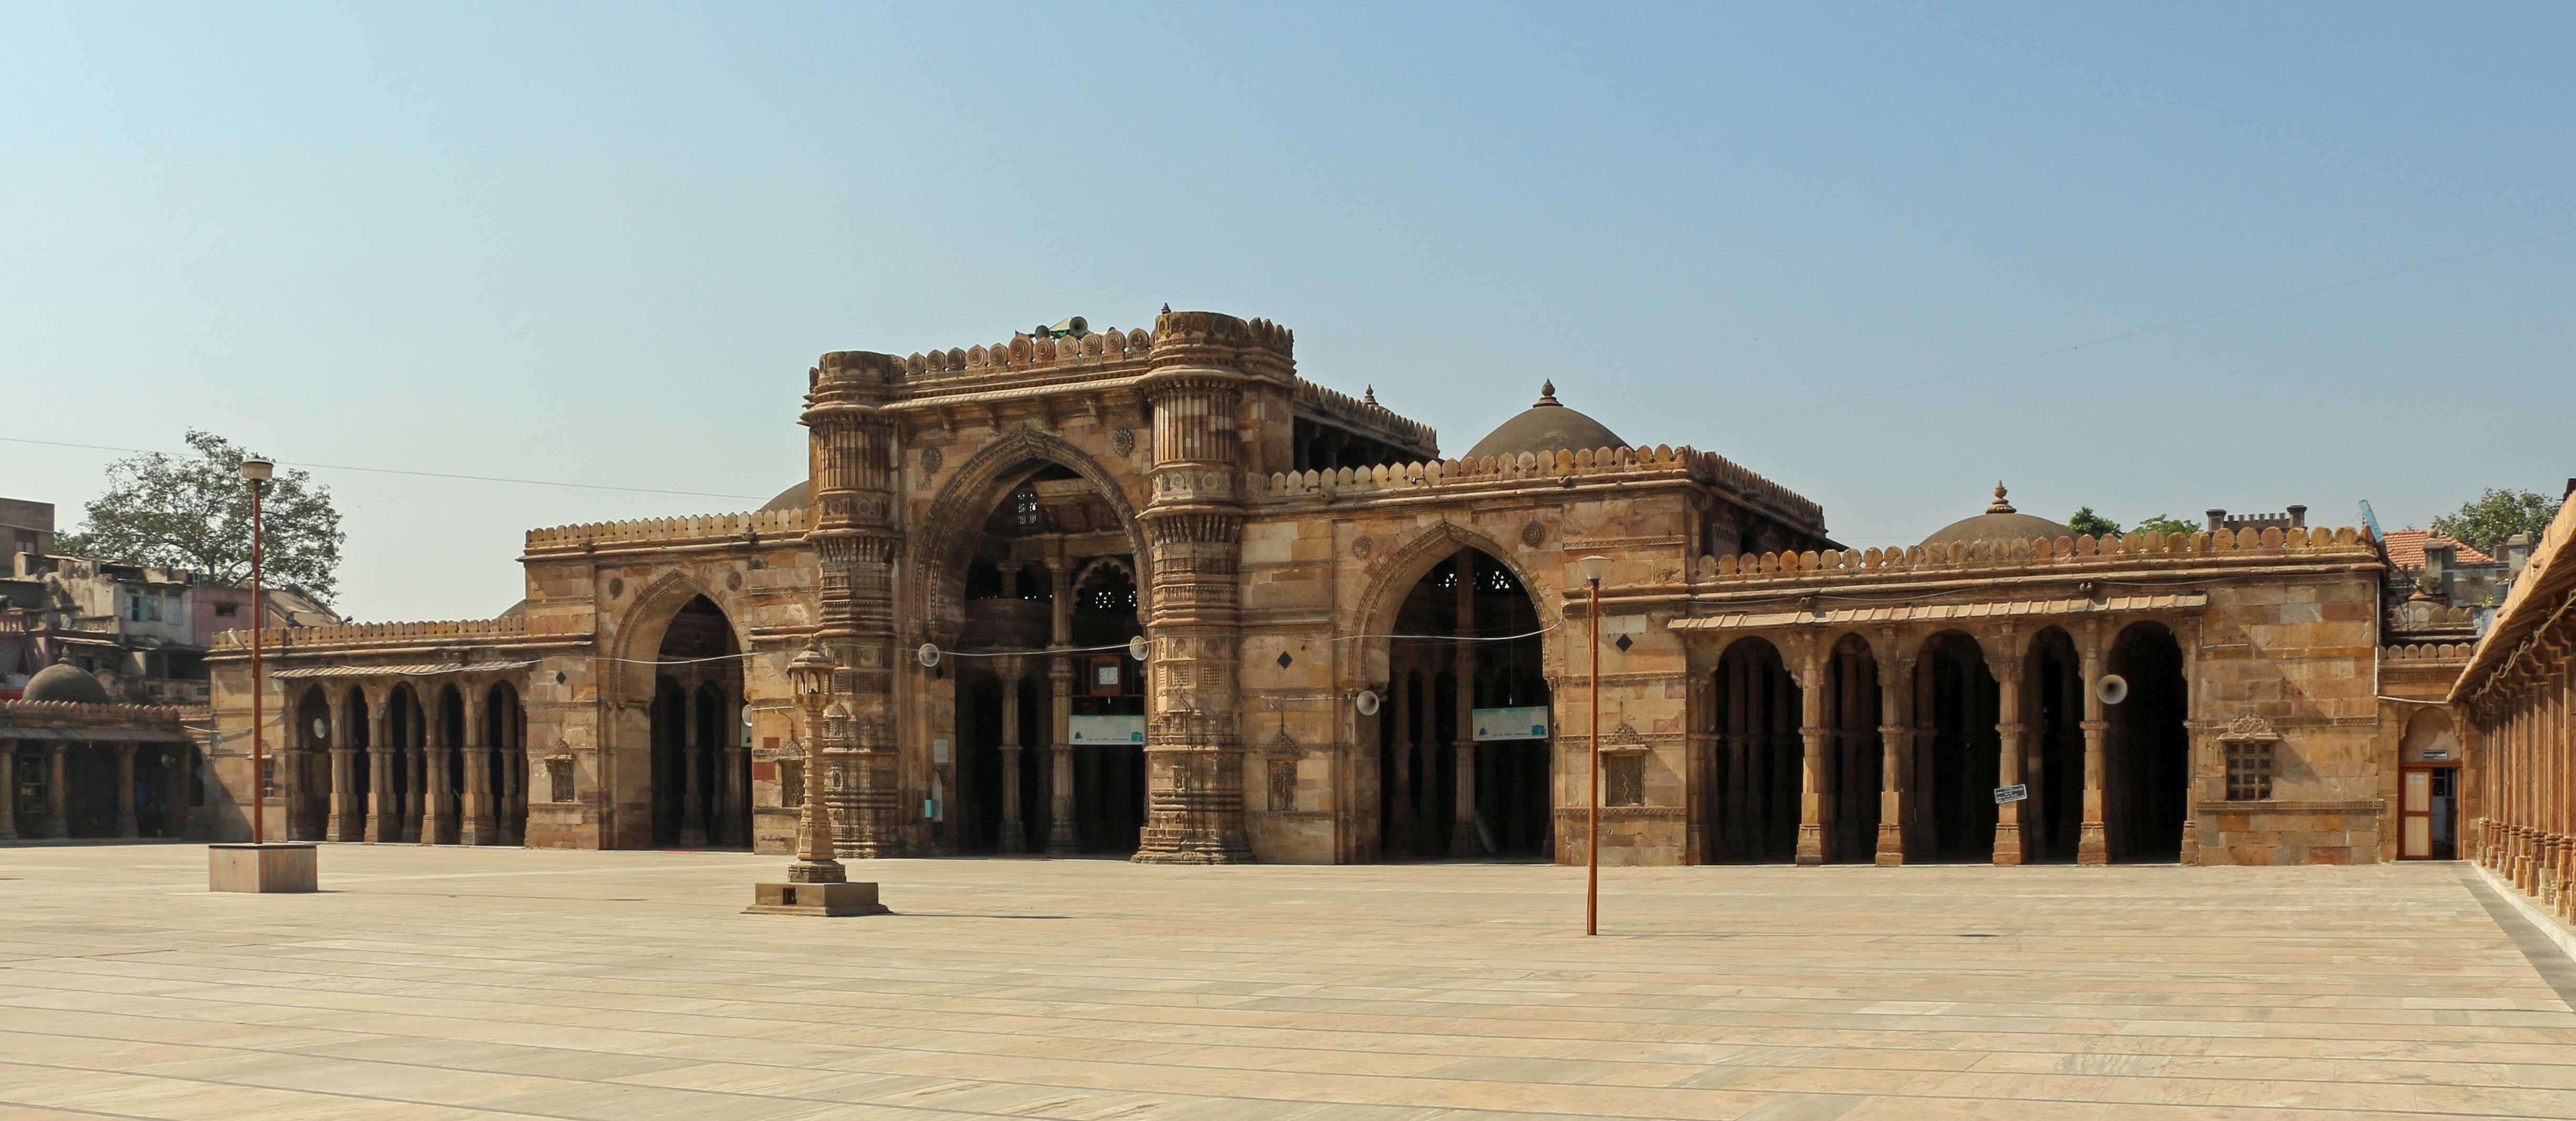 Jama_Masjid_Ahmedabad_01